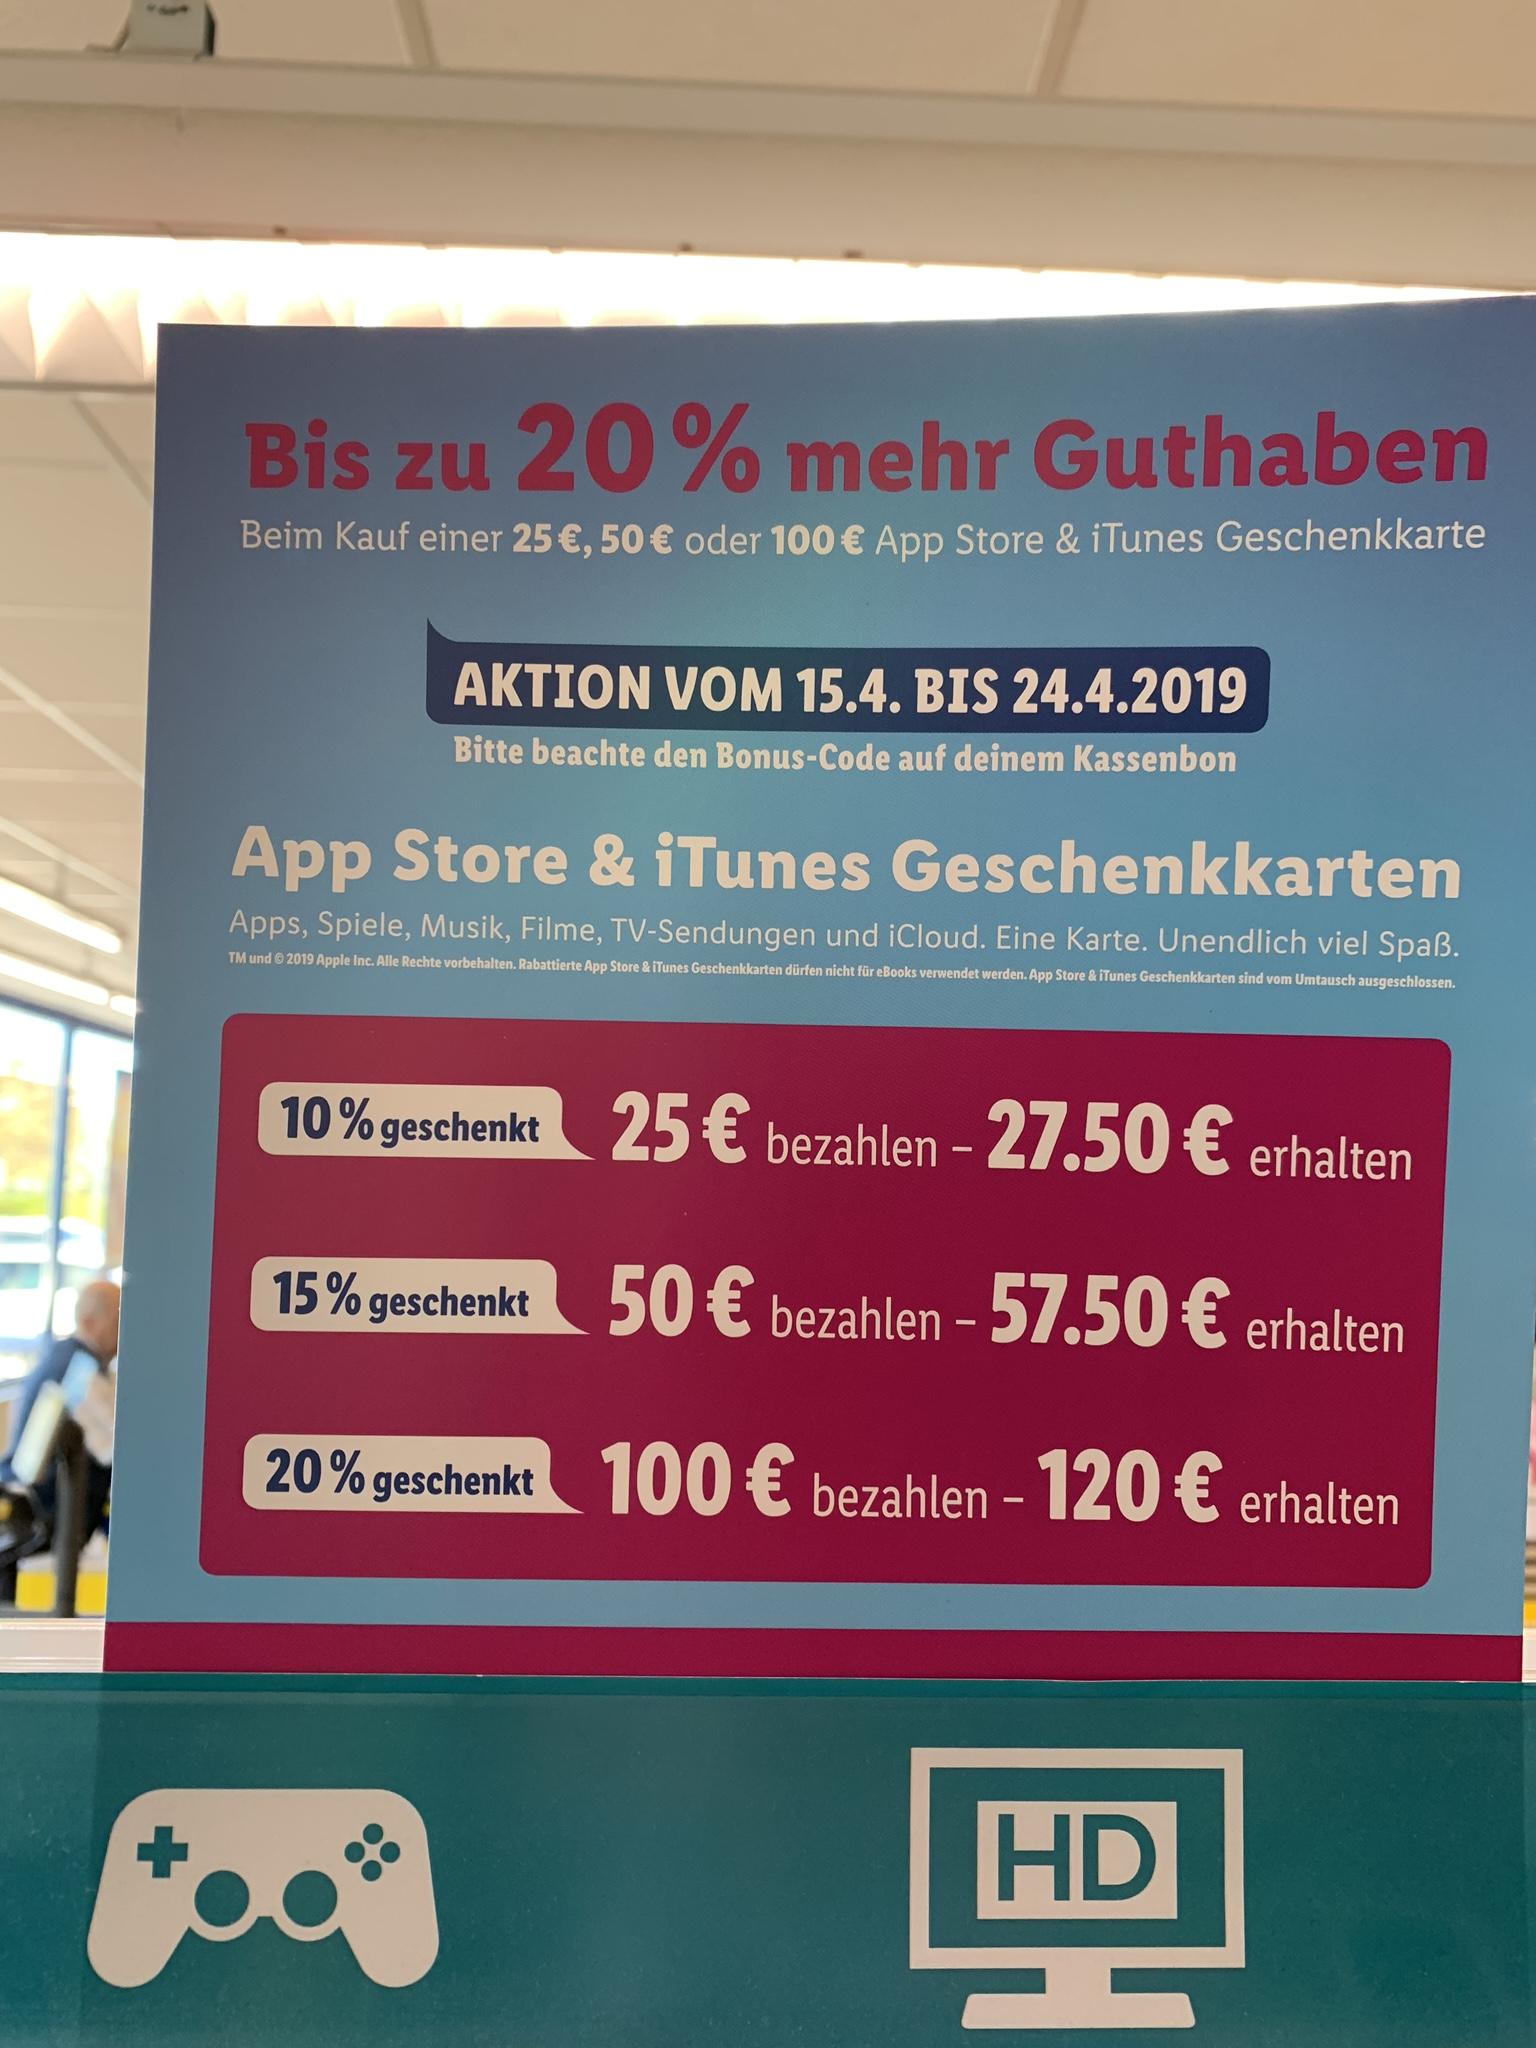 (Lidl Bundesweit, nur offline?) AppStore & iTunes Geschenkkarten 10% 15% 20% zusätzlich